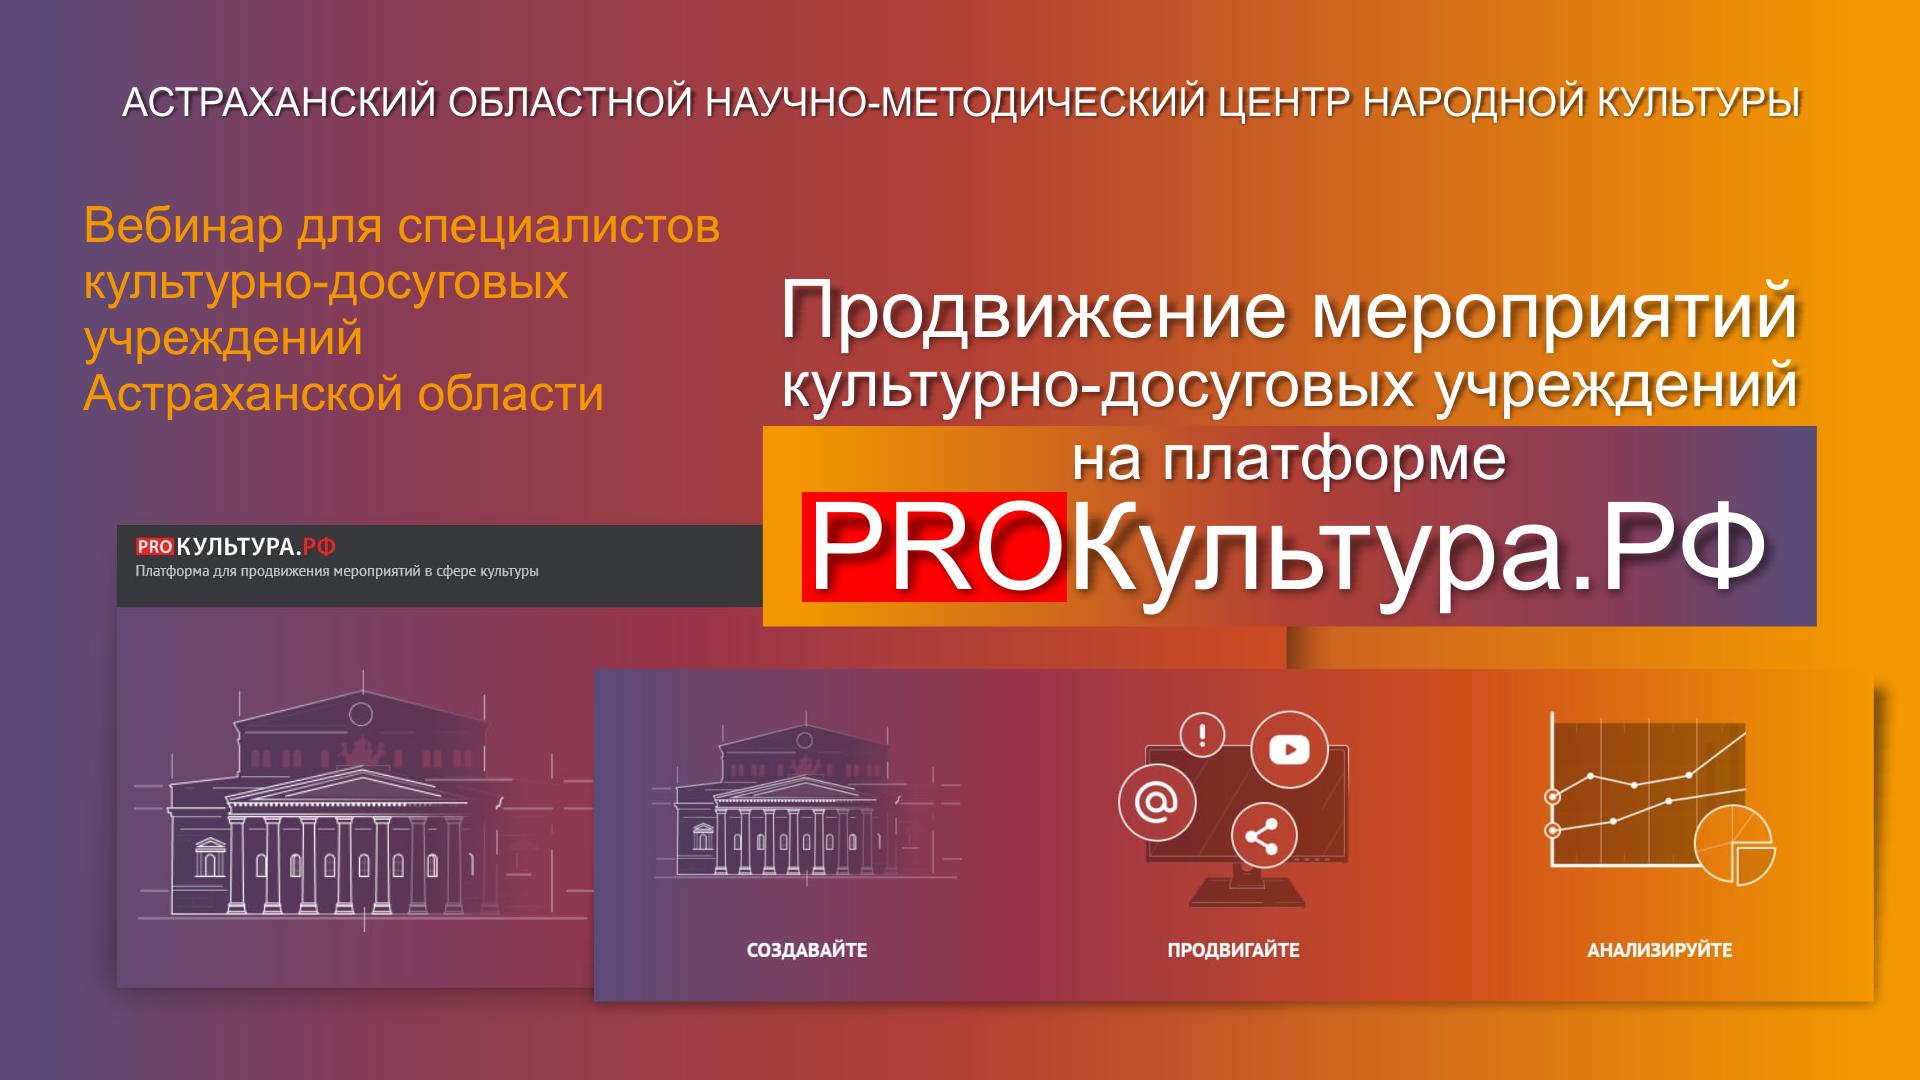 В Астрахани состоялся вебинар, посвящённый работе на платформе «PRO.Культура.РФ»